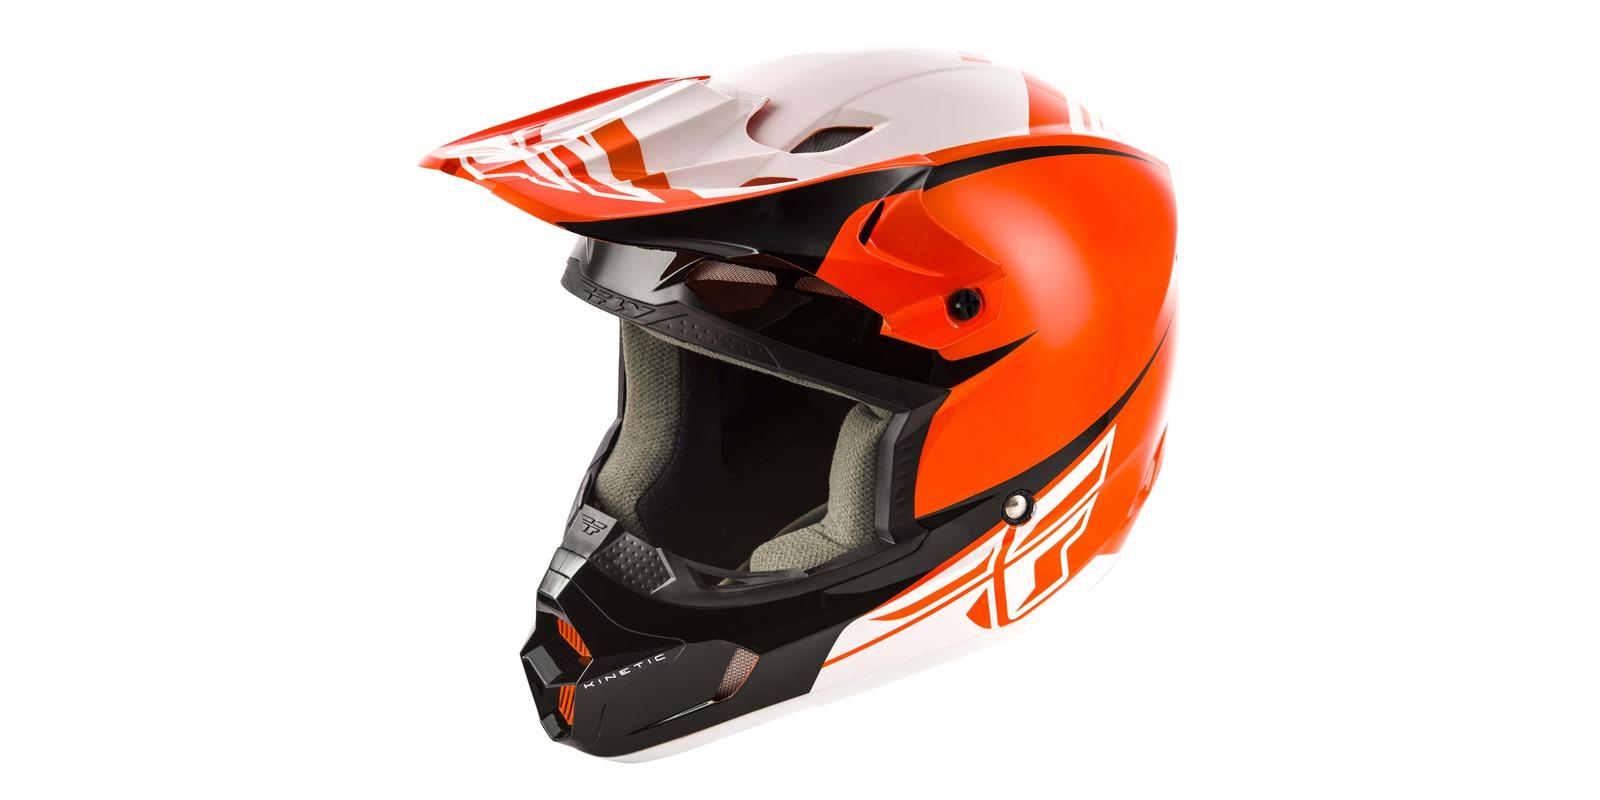 přilba Kinetic SHARP, FLY RACING, (oranžová/černá)